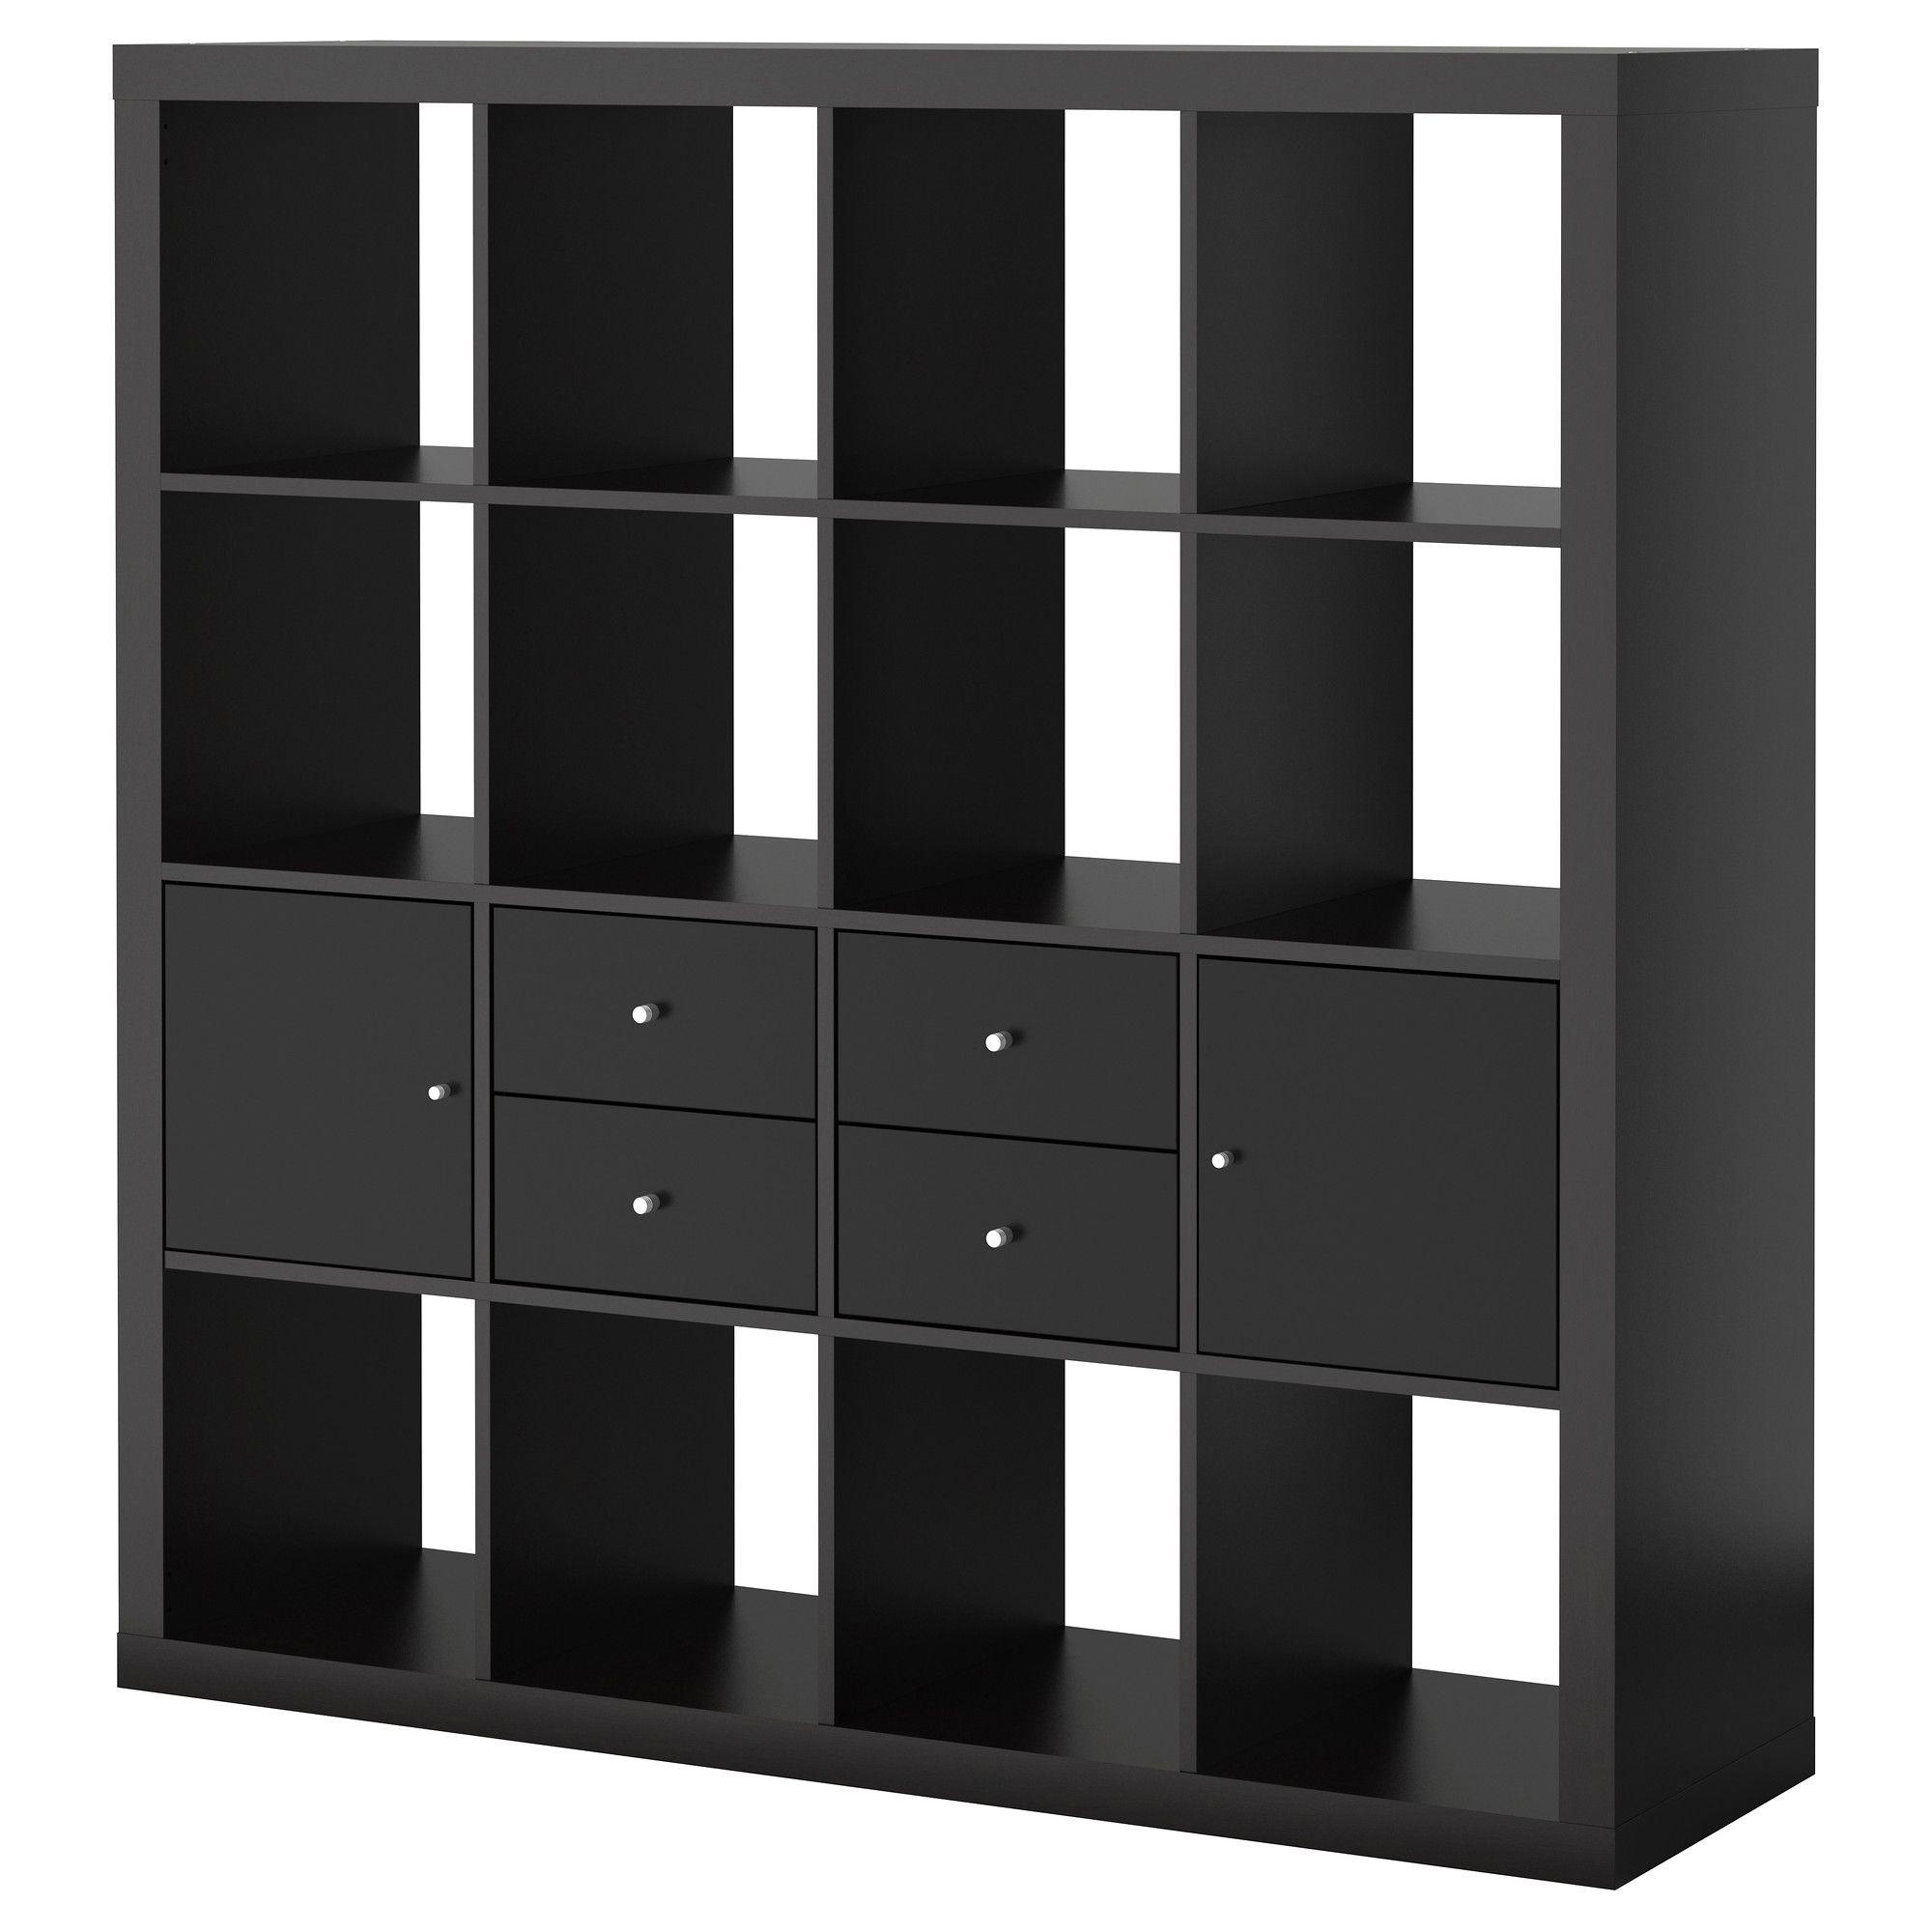 Ladenkast Zwart Ikea.Expedit Opbergcombi Met Deuren Lades Zwartbruin Zwart Ikea